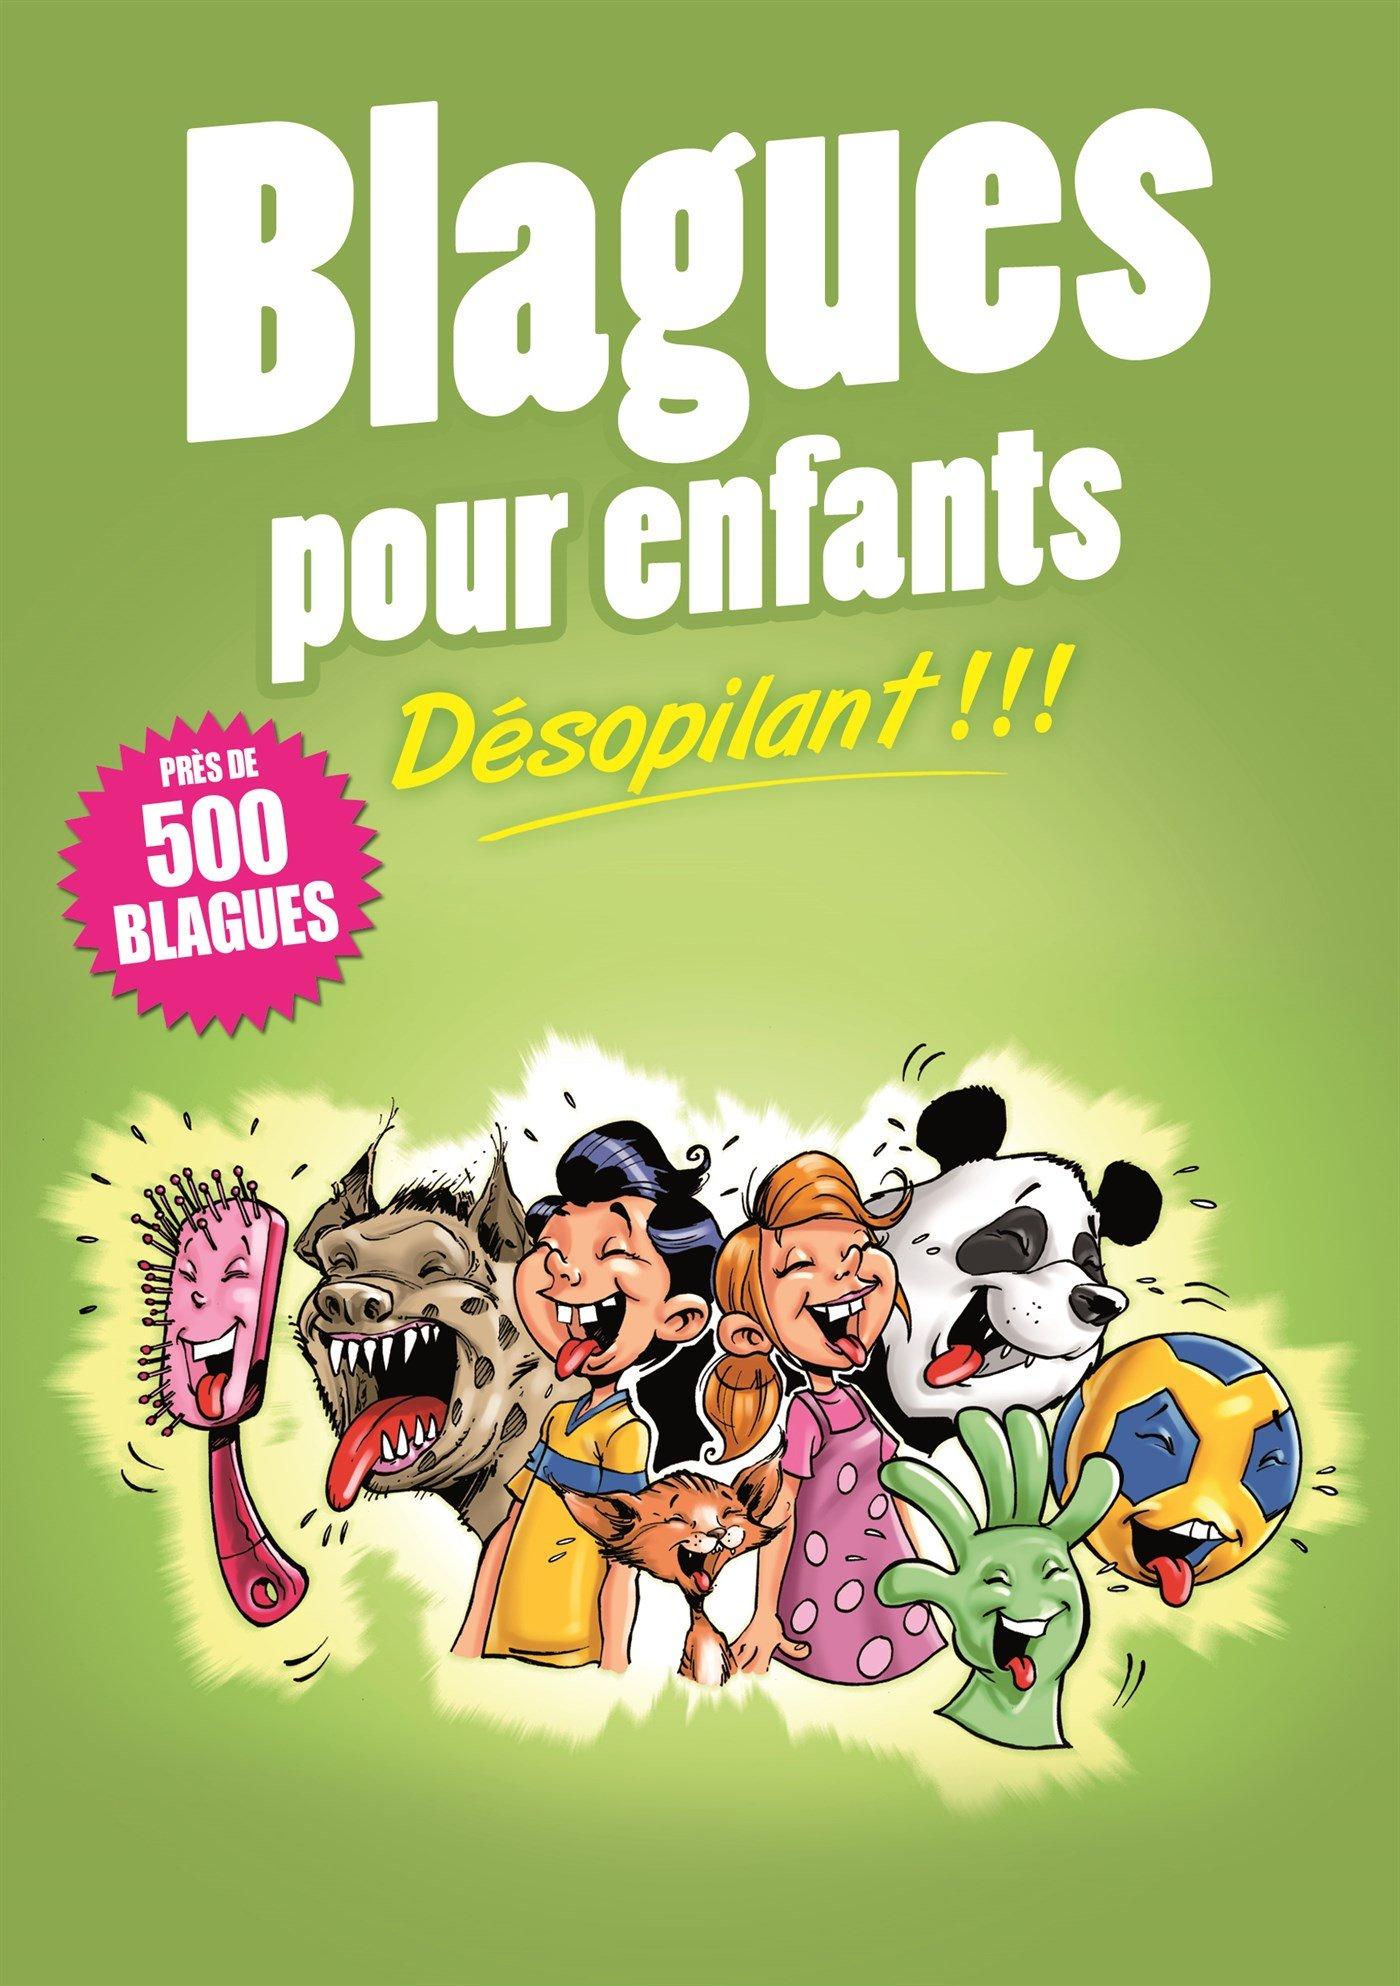 Blagues pour enfants : Désopilant !!! Broché – 2 février 2017 Collectif Manuel Ornato Oliver Editions ESI